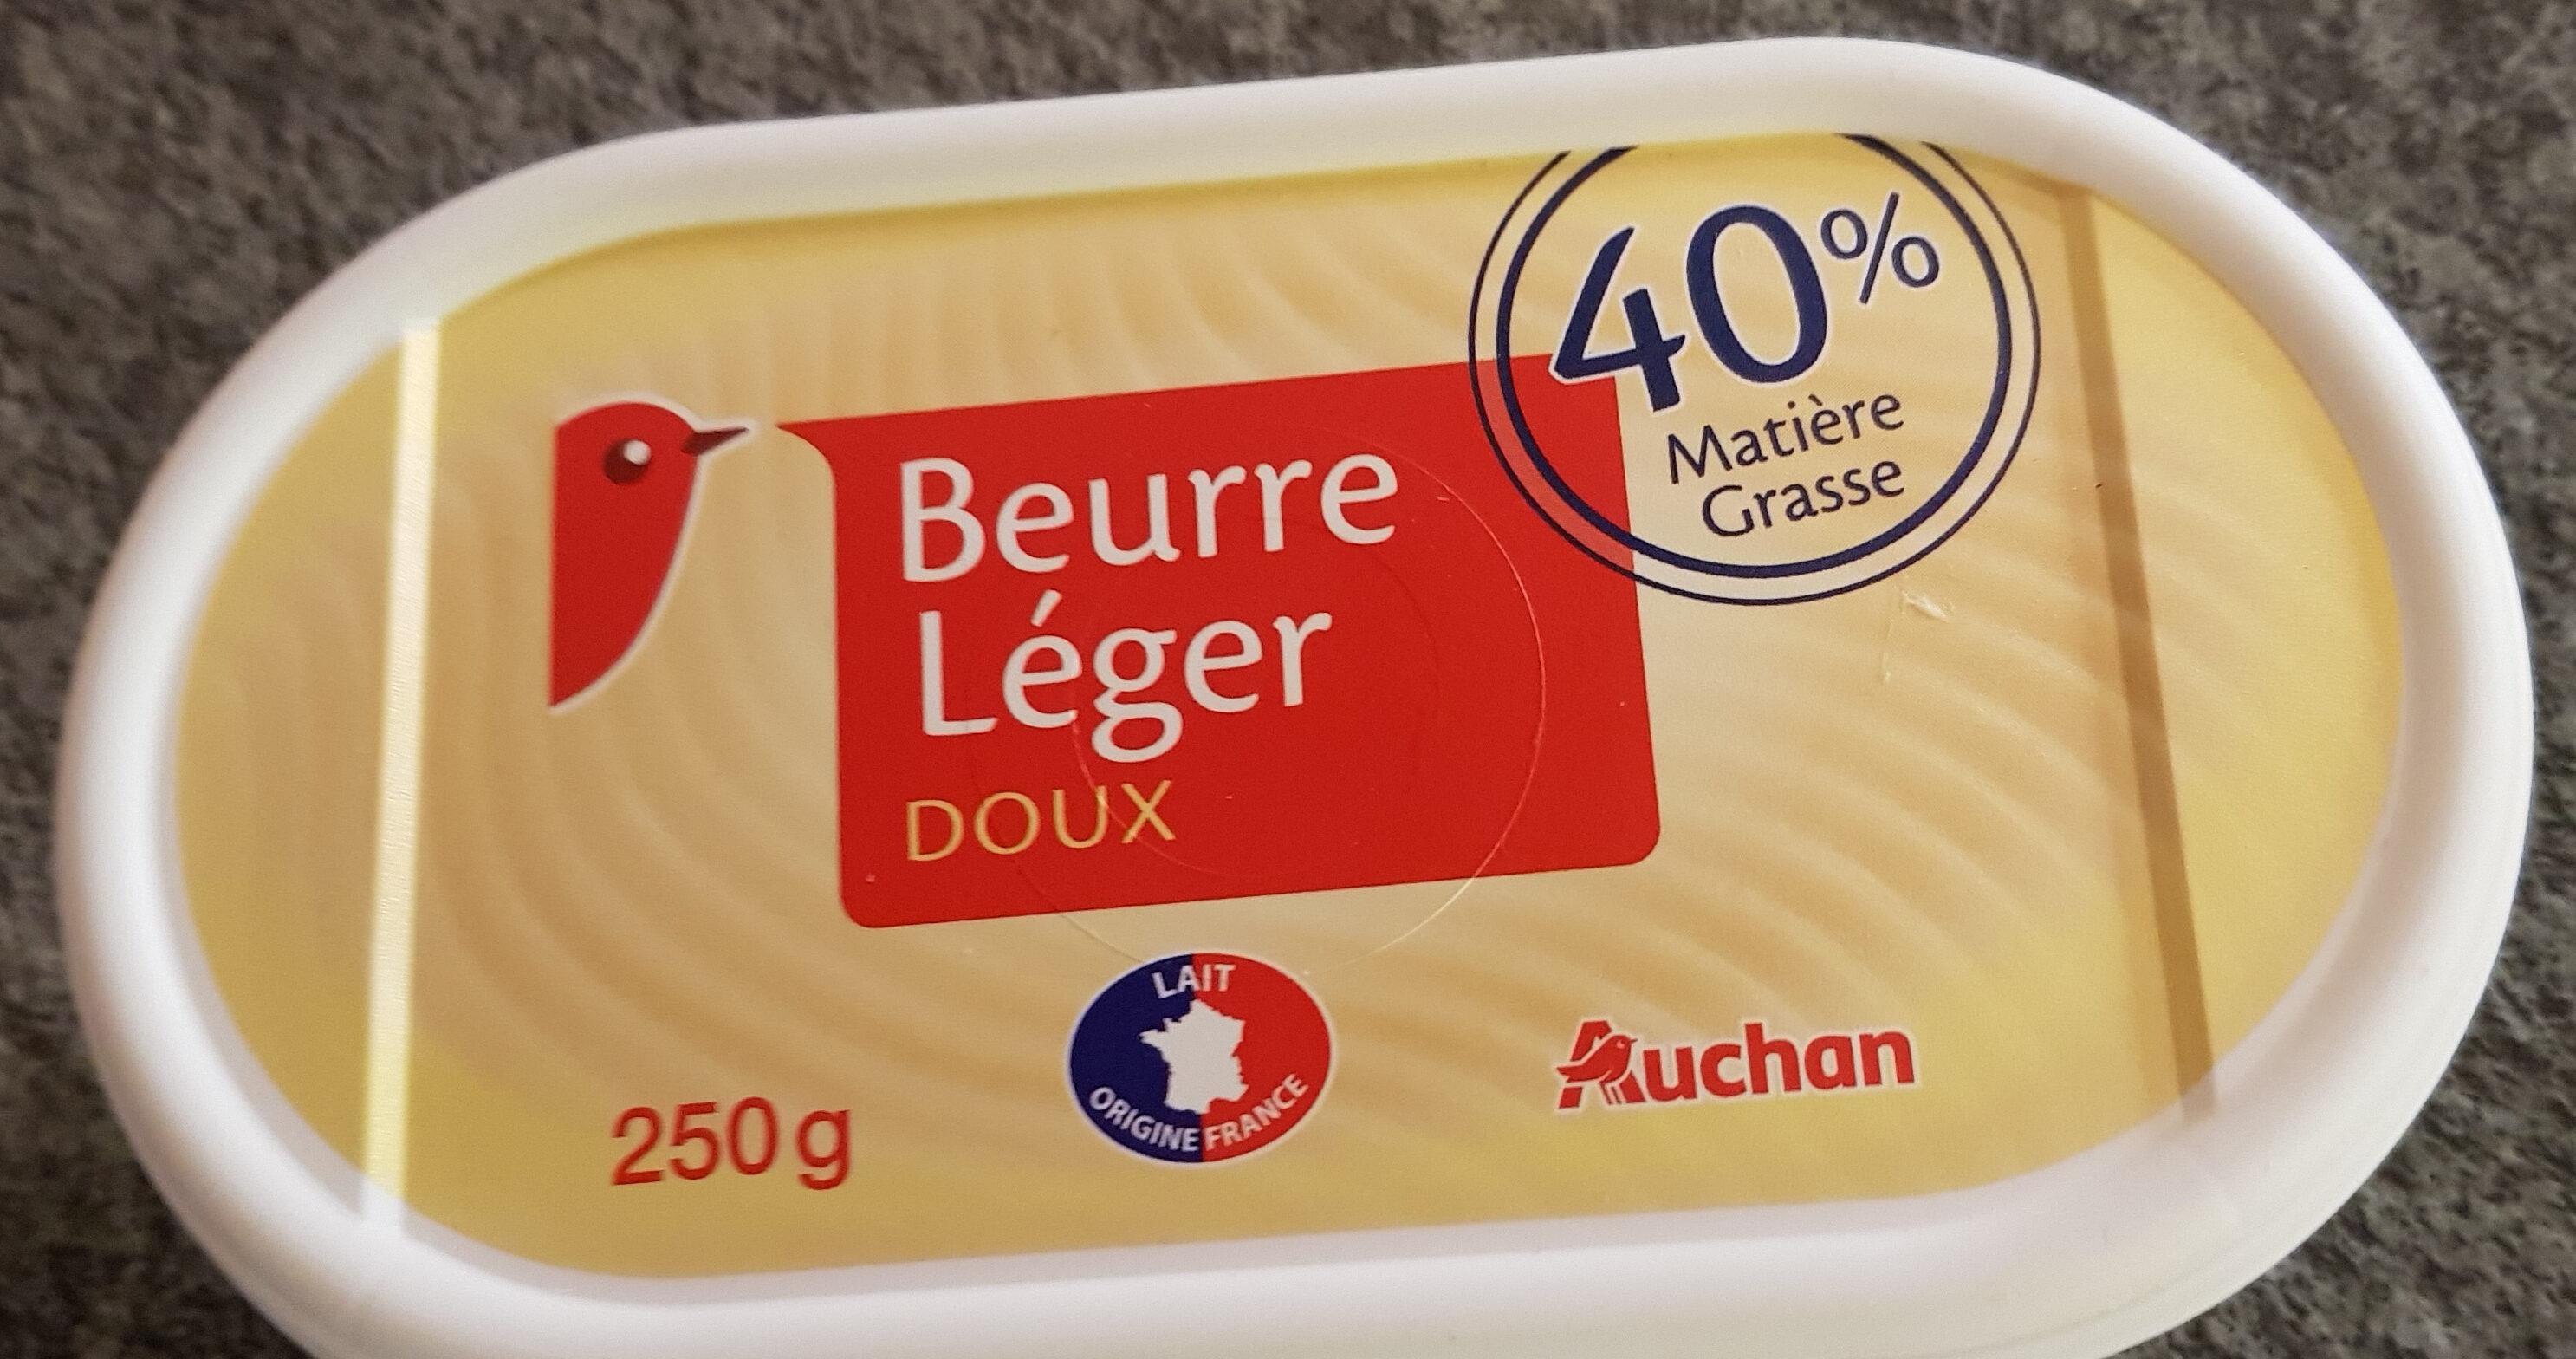 Beurre Doux Léger 40% - Produit - fr